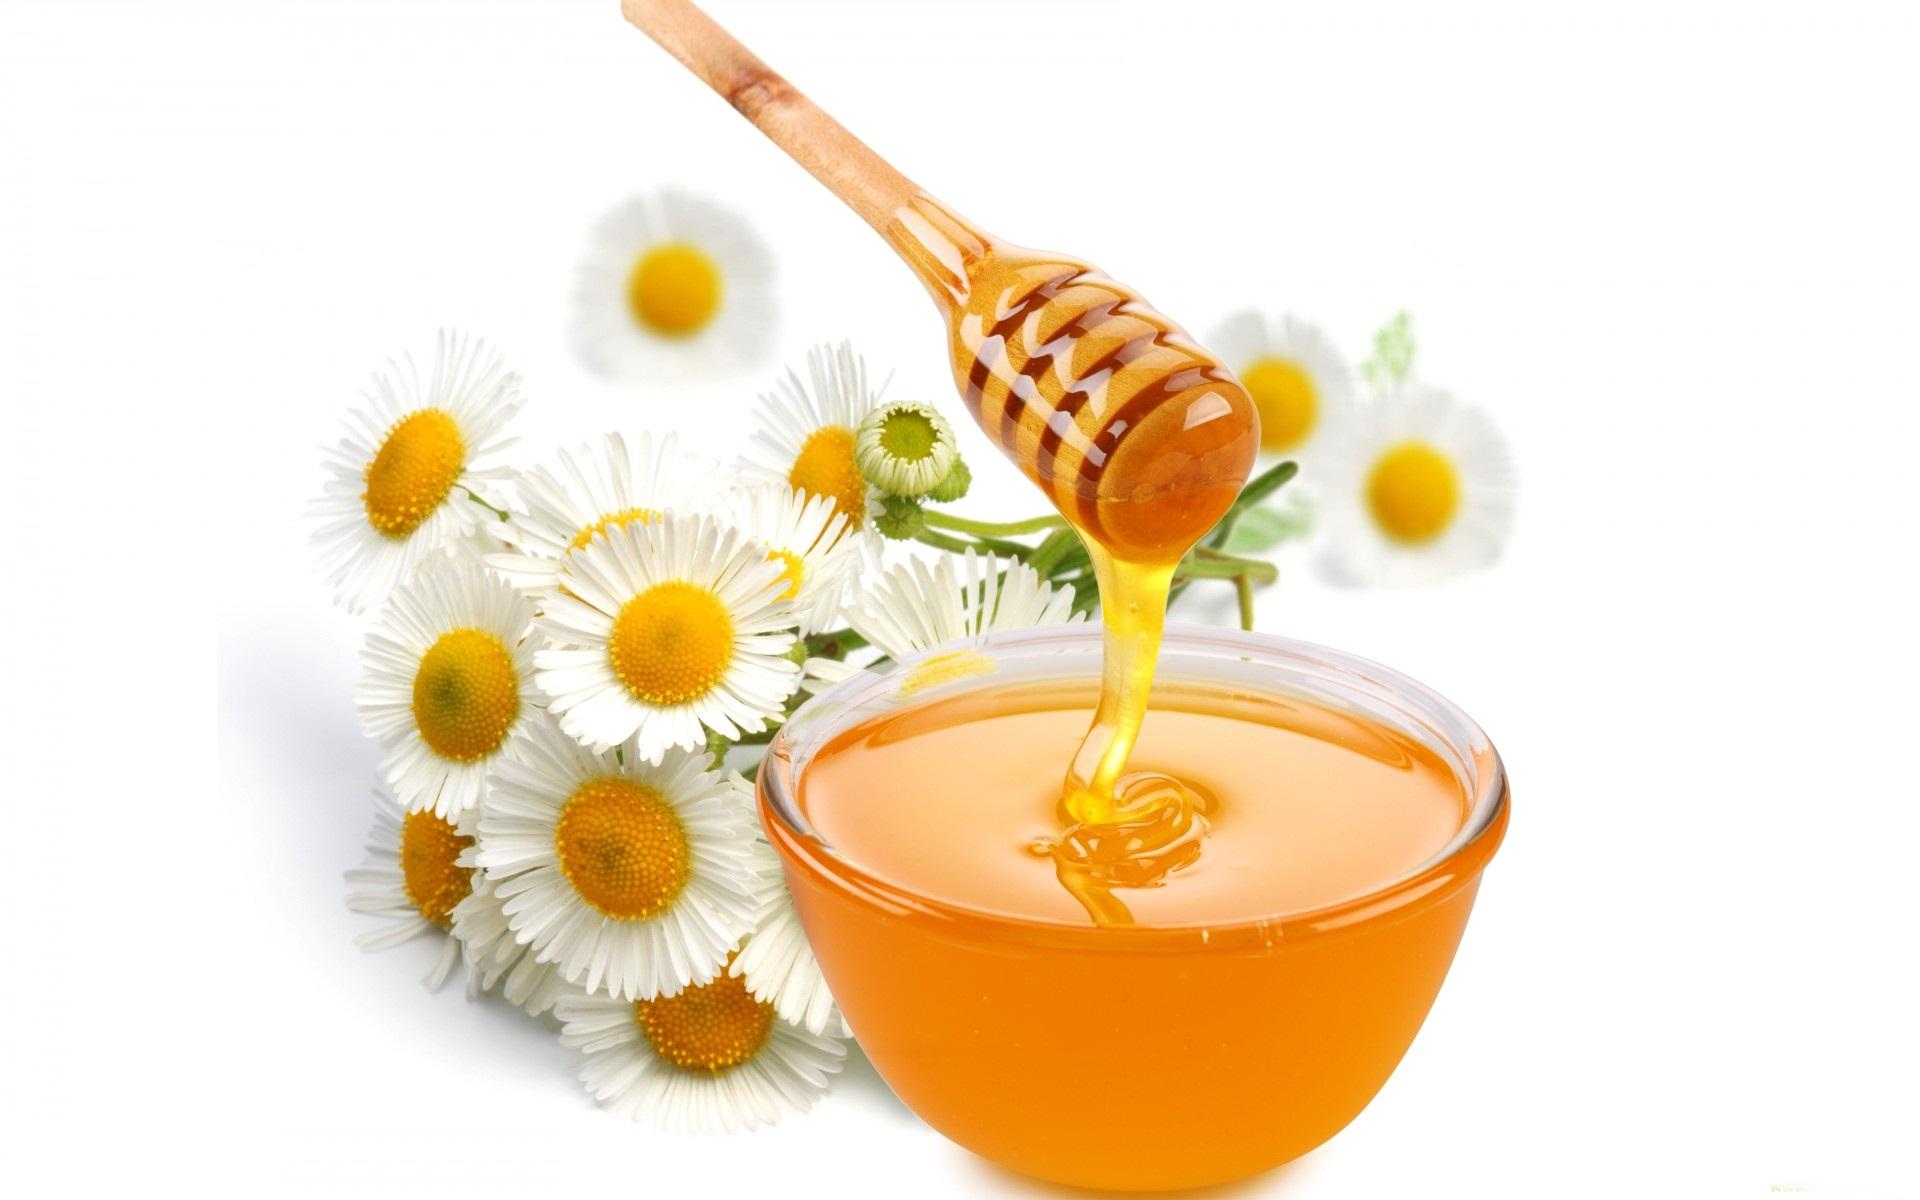 Công thức làm đẹp da siêu đơn giản với mật ong